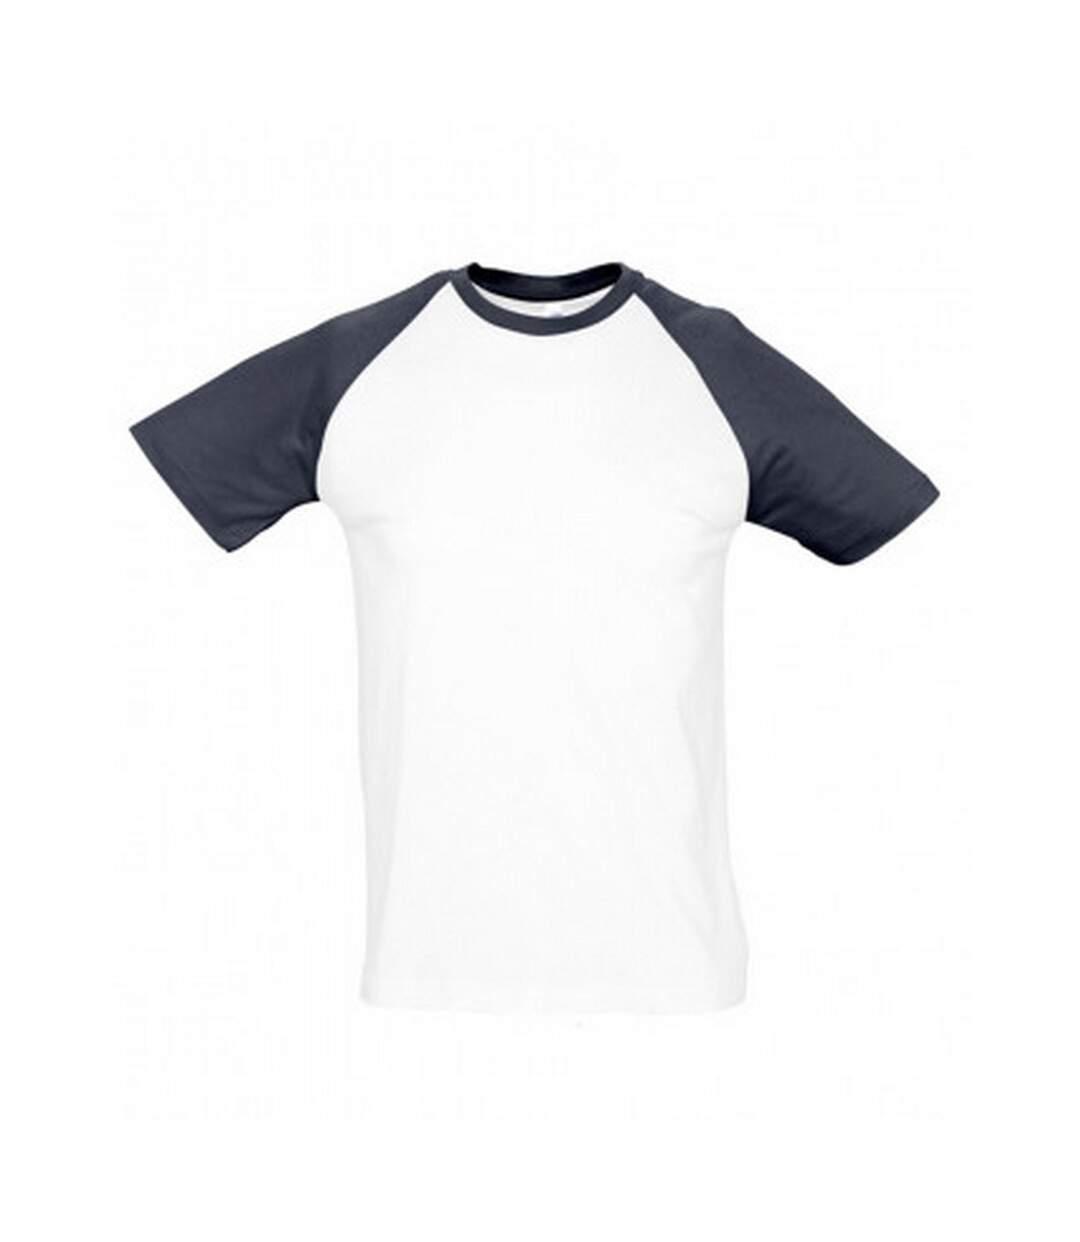 SOLS Mens Funky Contrast Short Sleeve T-Shirt (White/Navy) - UTPC300